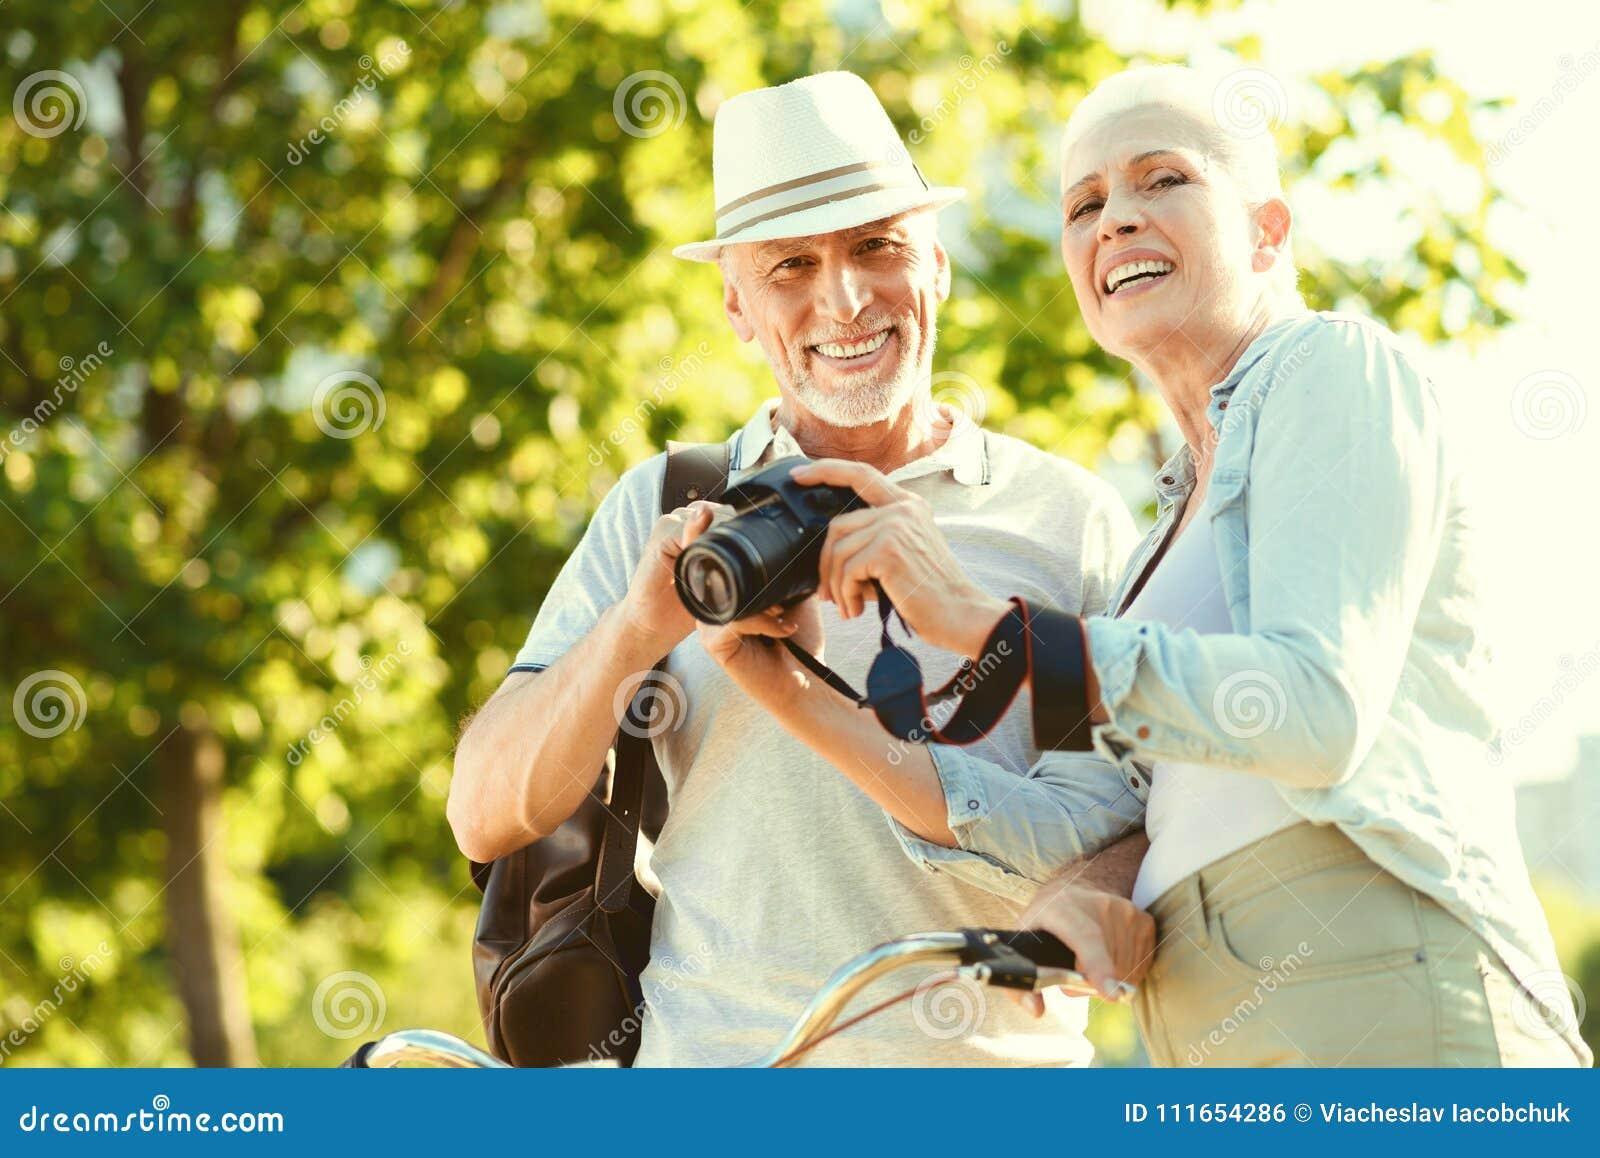 Θετικό ηλικιωμένο ζεύγος που έχει έναν περίπατο